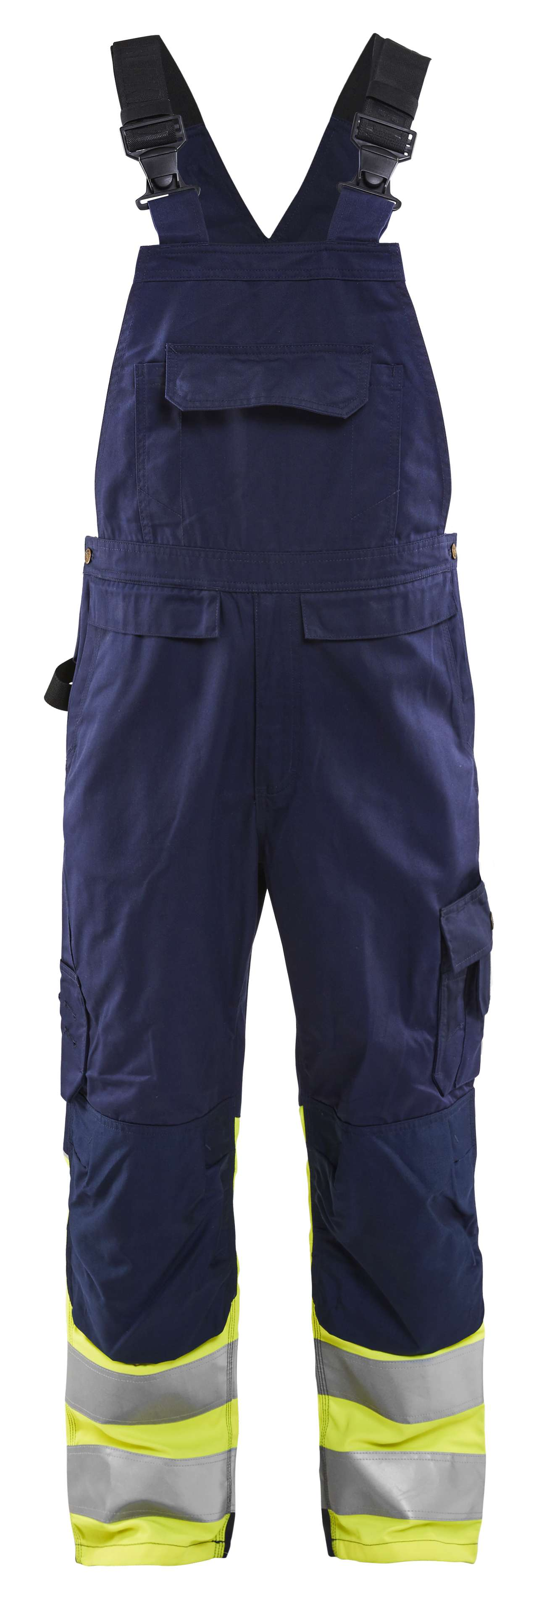 Blaklader Am. Overalls 26621800 High Vis marineblauw-fluo geel(8933)